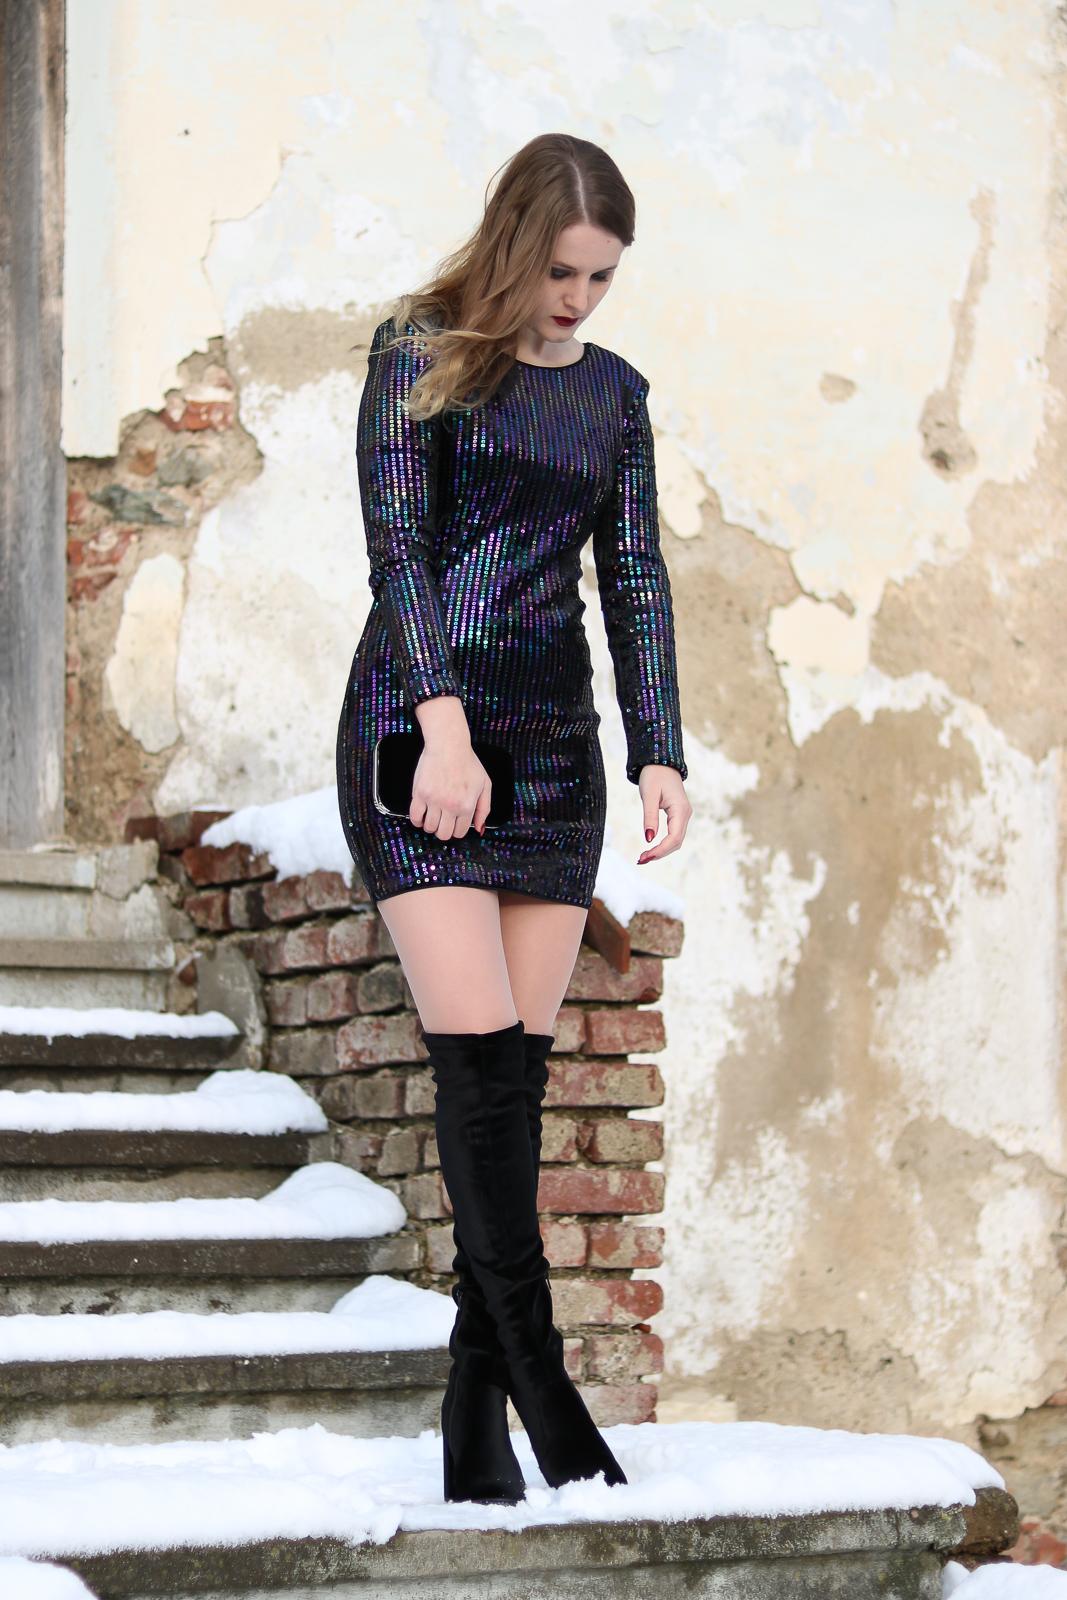 Silvester Outfit - Paillettenkleid und Samt Overknees und Samt Clutch - Outfit Kombination für den Silvesterabend - Silvester Kleider - Modetipps und Modetrends für den letzten Abend den Jahres - Silvesterparty Outfit - Fashionladyloves by Tamara Wagner - Fashion Blog - Mode Blog aus Graz Österreich - Fashion Bloggerin